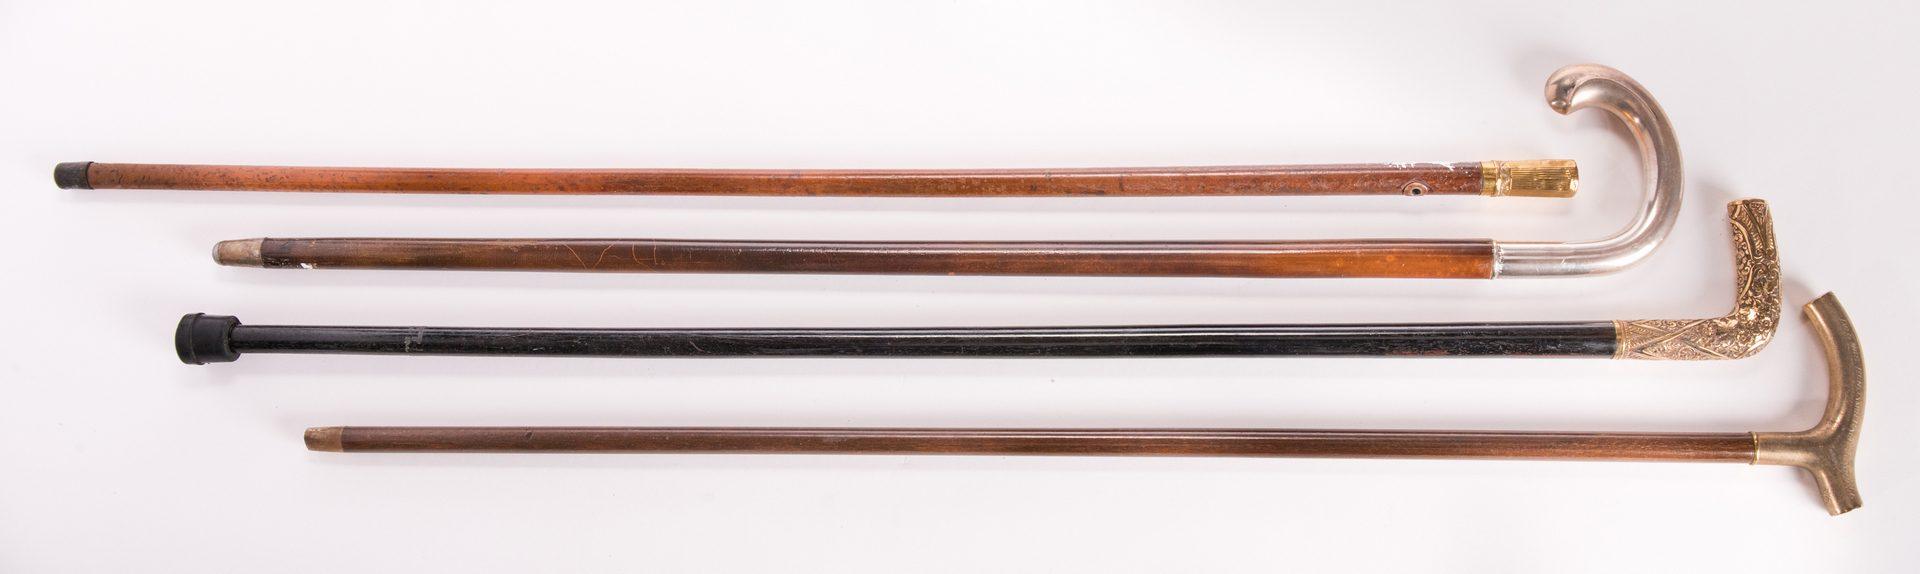 Lot 186: 4 Silver & Gold Metal-handled Walking Sticks